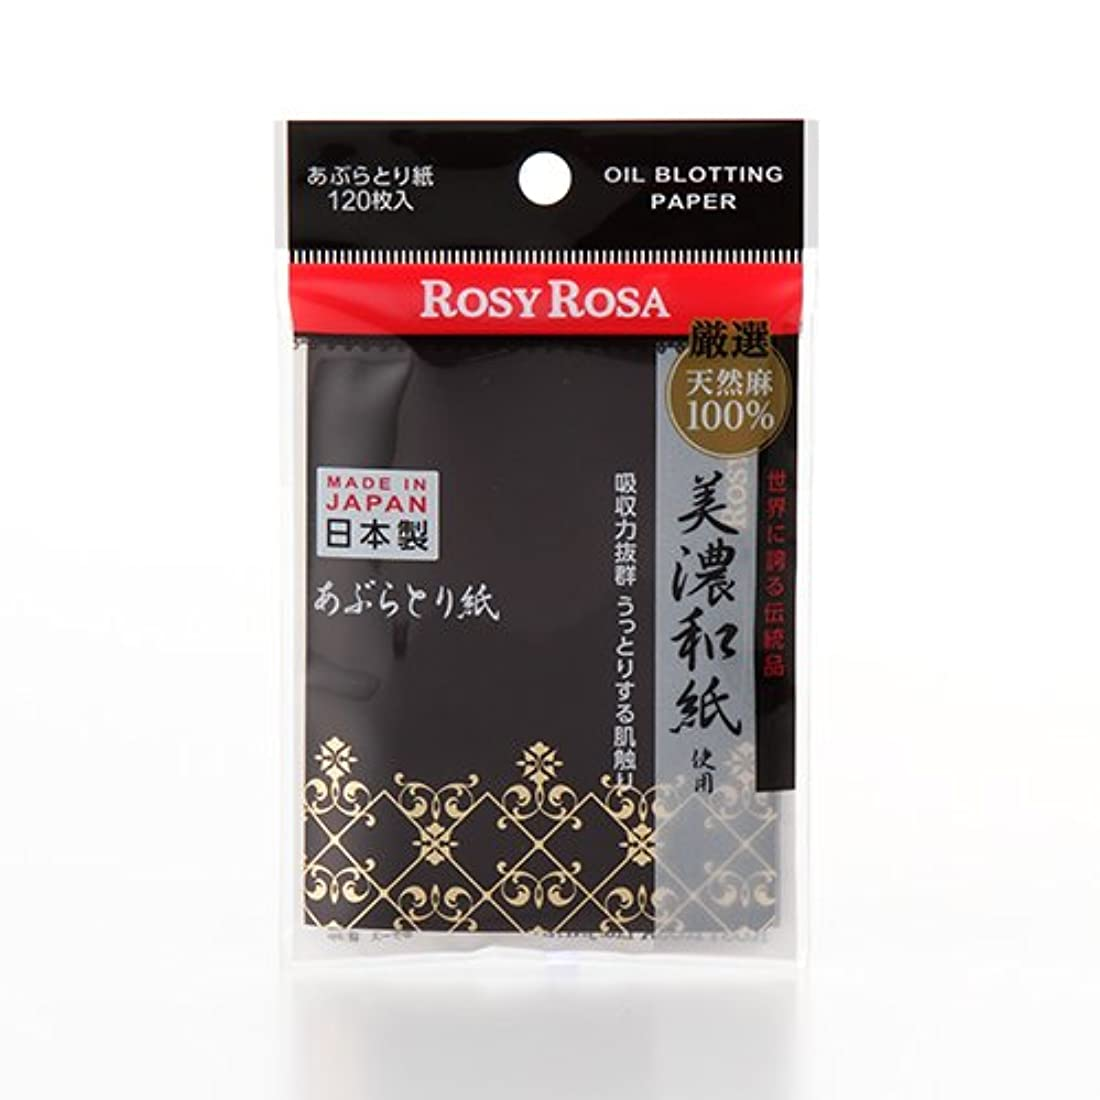 ロージーローザ 美濃和紙天然麻100%あぶらとり紙(120枚入)